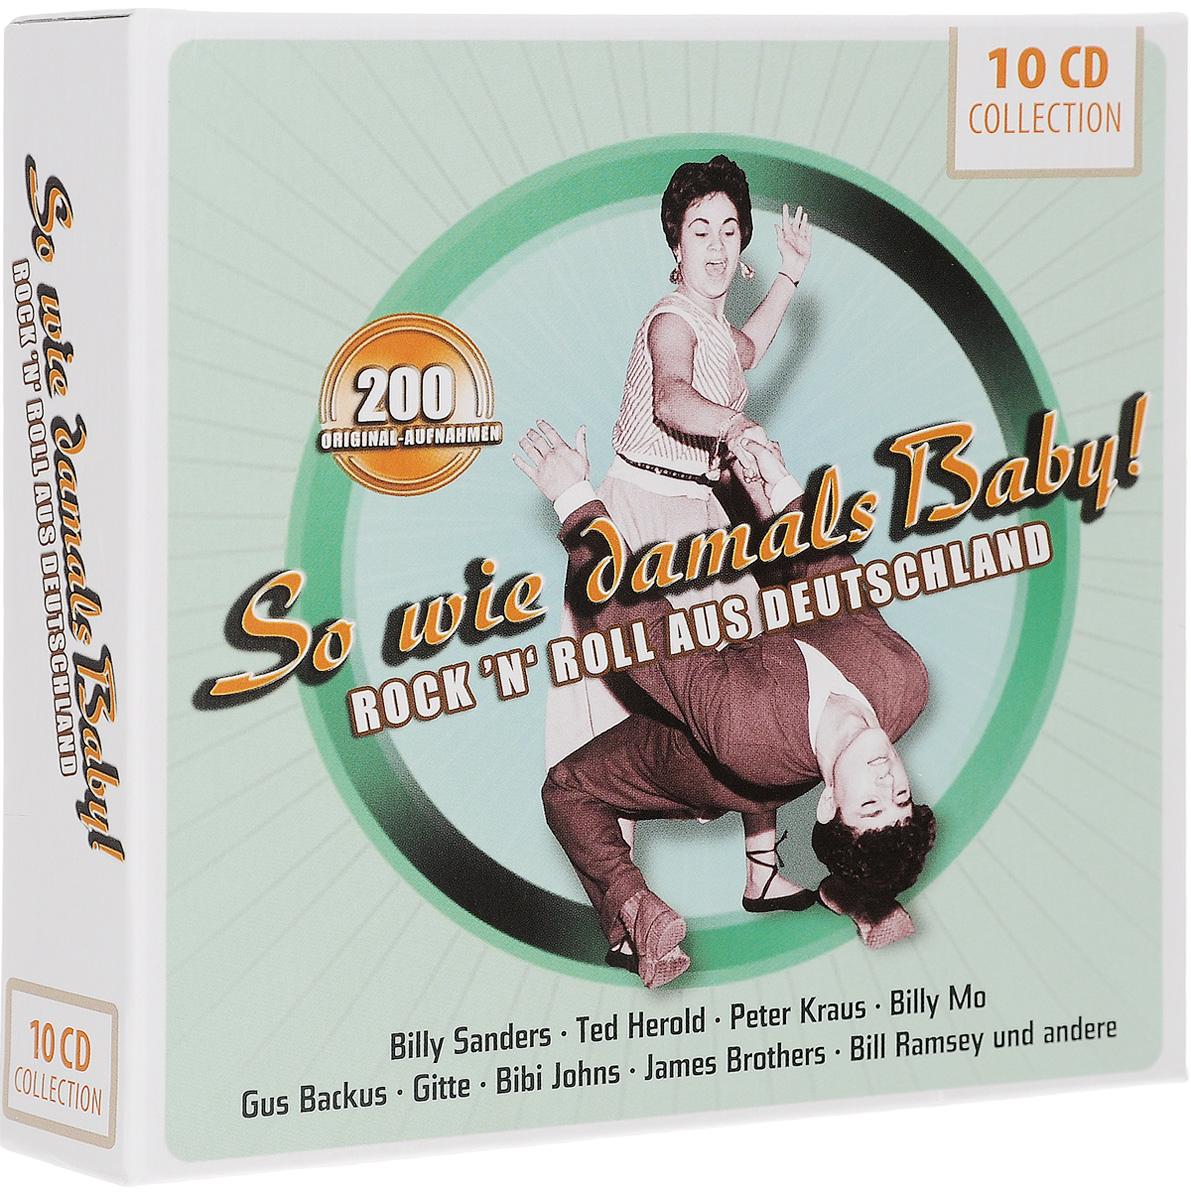 цена на So Wie Damals Baby! Rock 'N' Roll Aus Deutschland (10 CD)